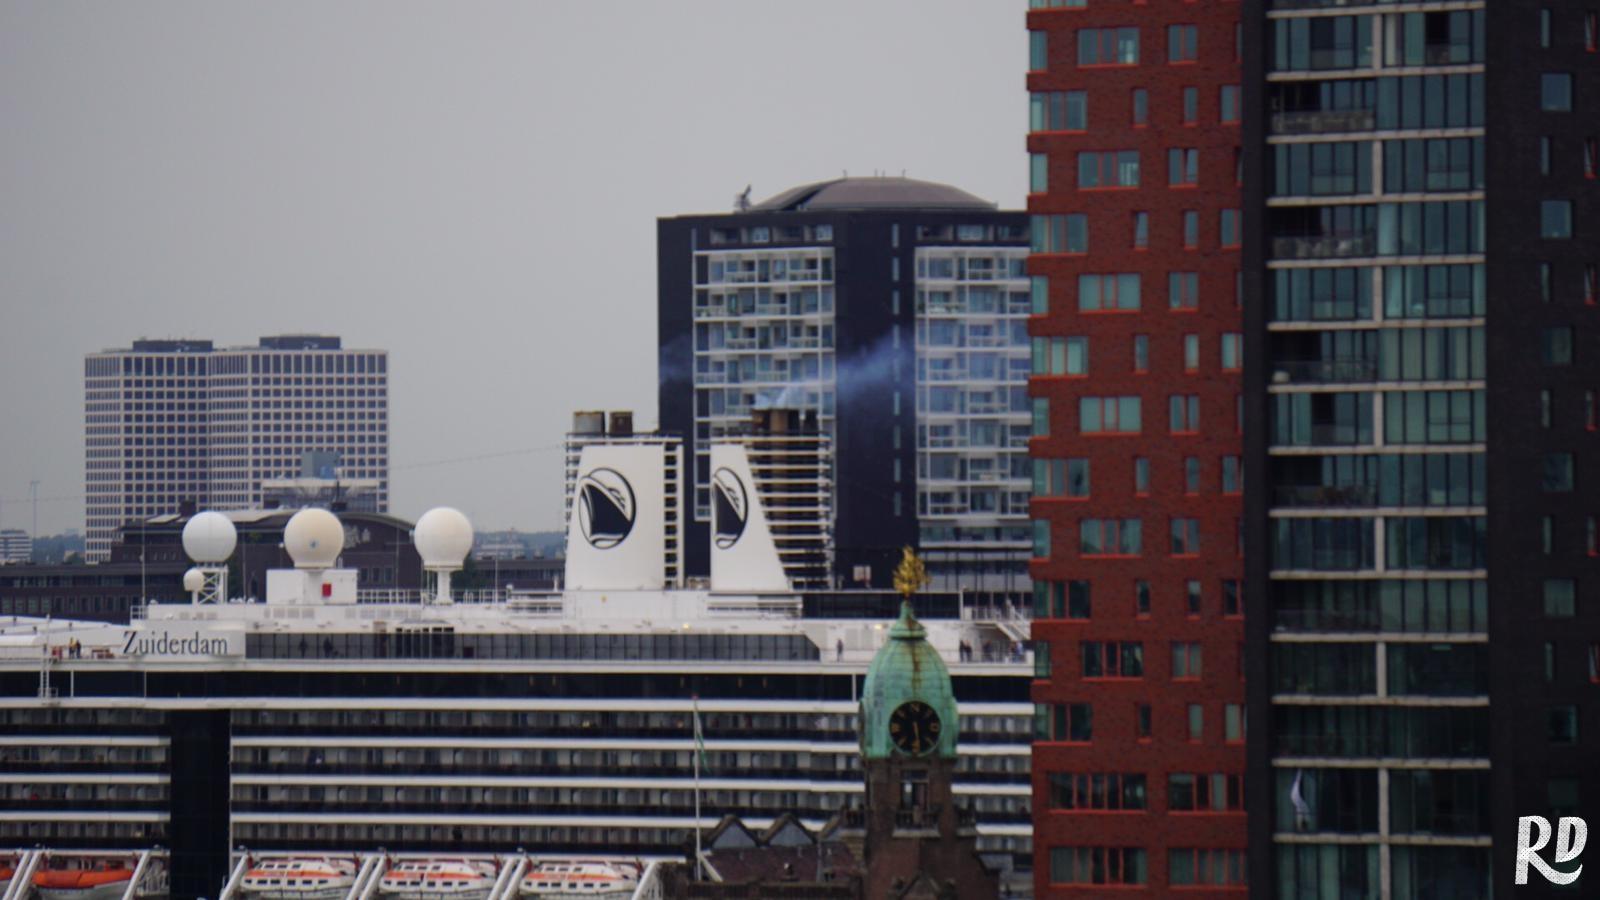 Cruiseschip aan de kade op de Kop van Zuid.